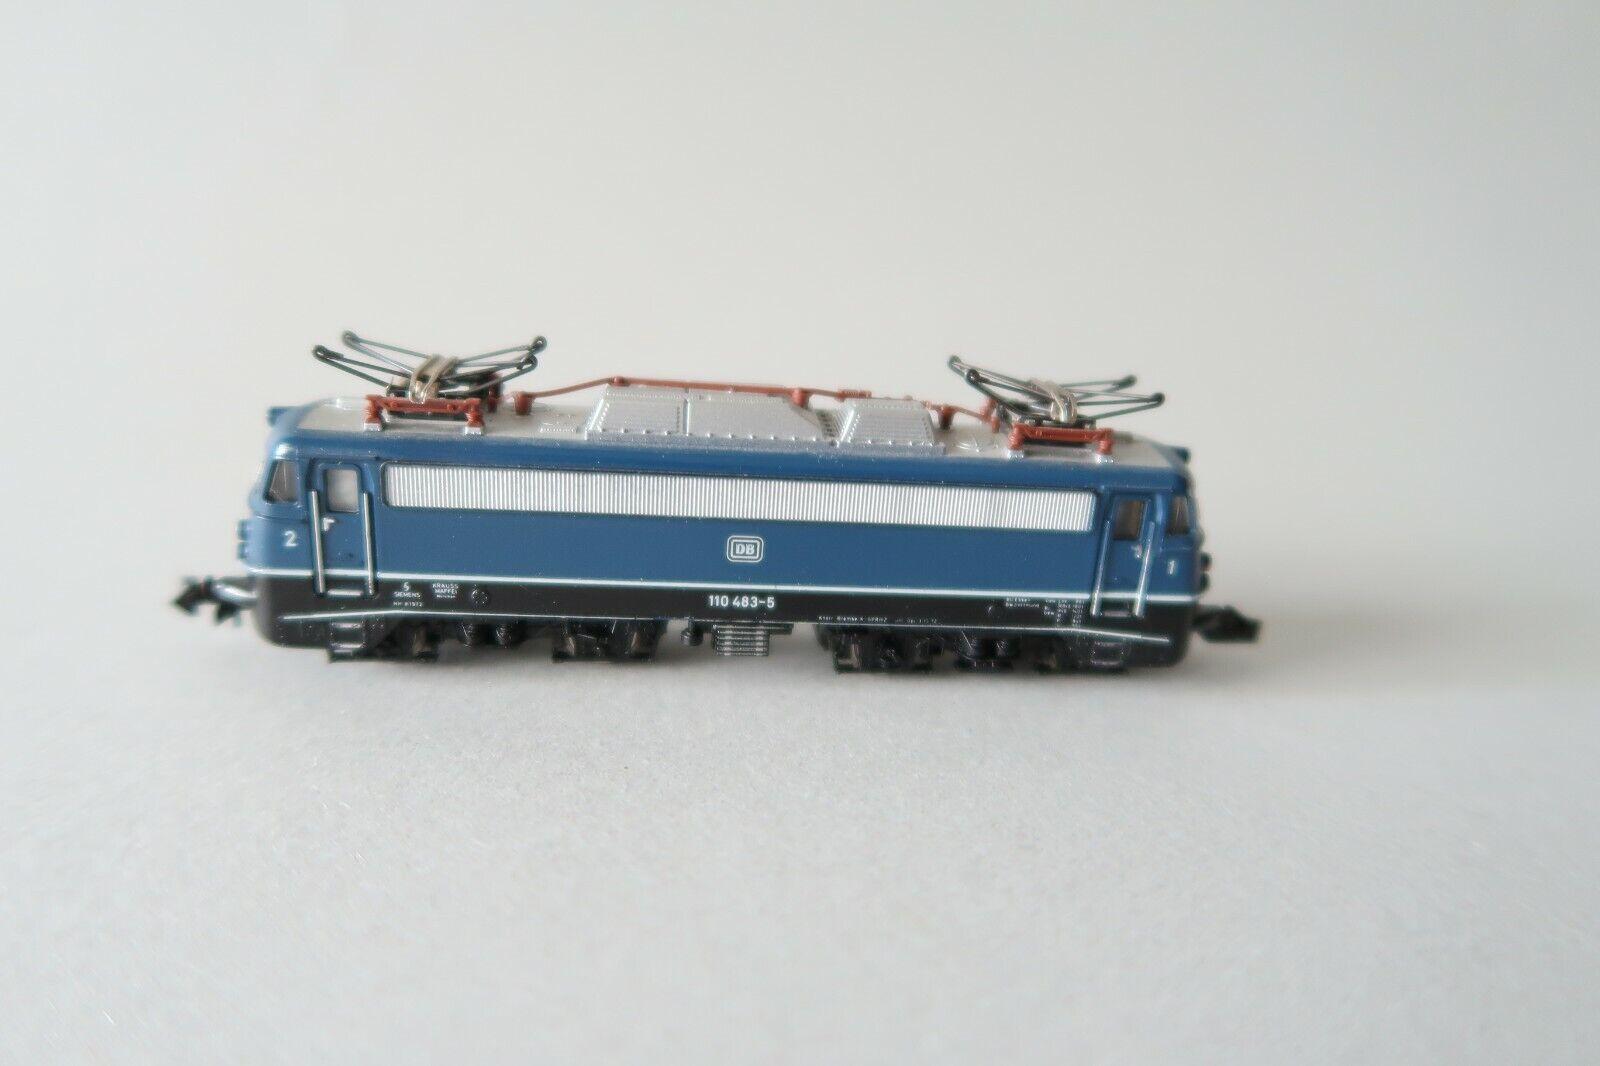 essere molto richiesto Minitrix N 2054 E-Lok BR 110 483-5 DB DB DB  piega stiratura  (dv029-41s4 2)  100% nuovo di zecca con qualità originale